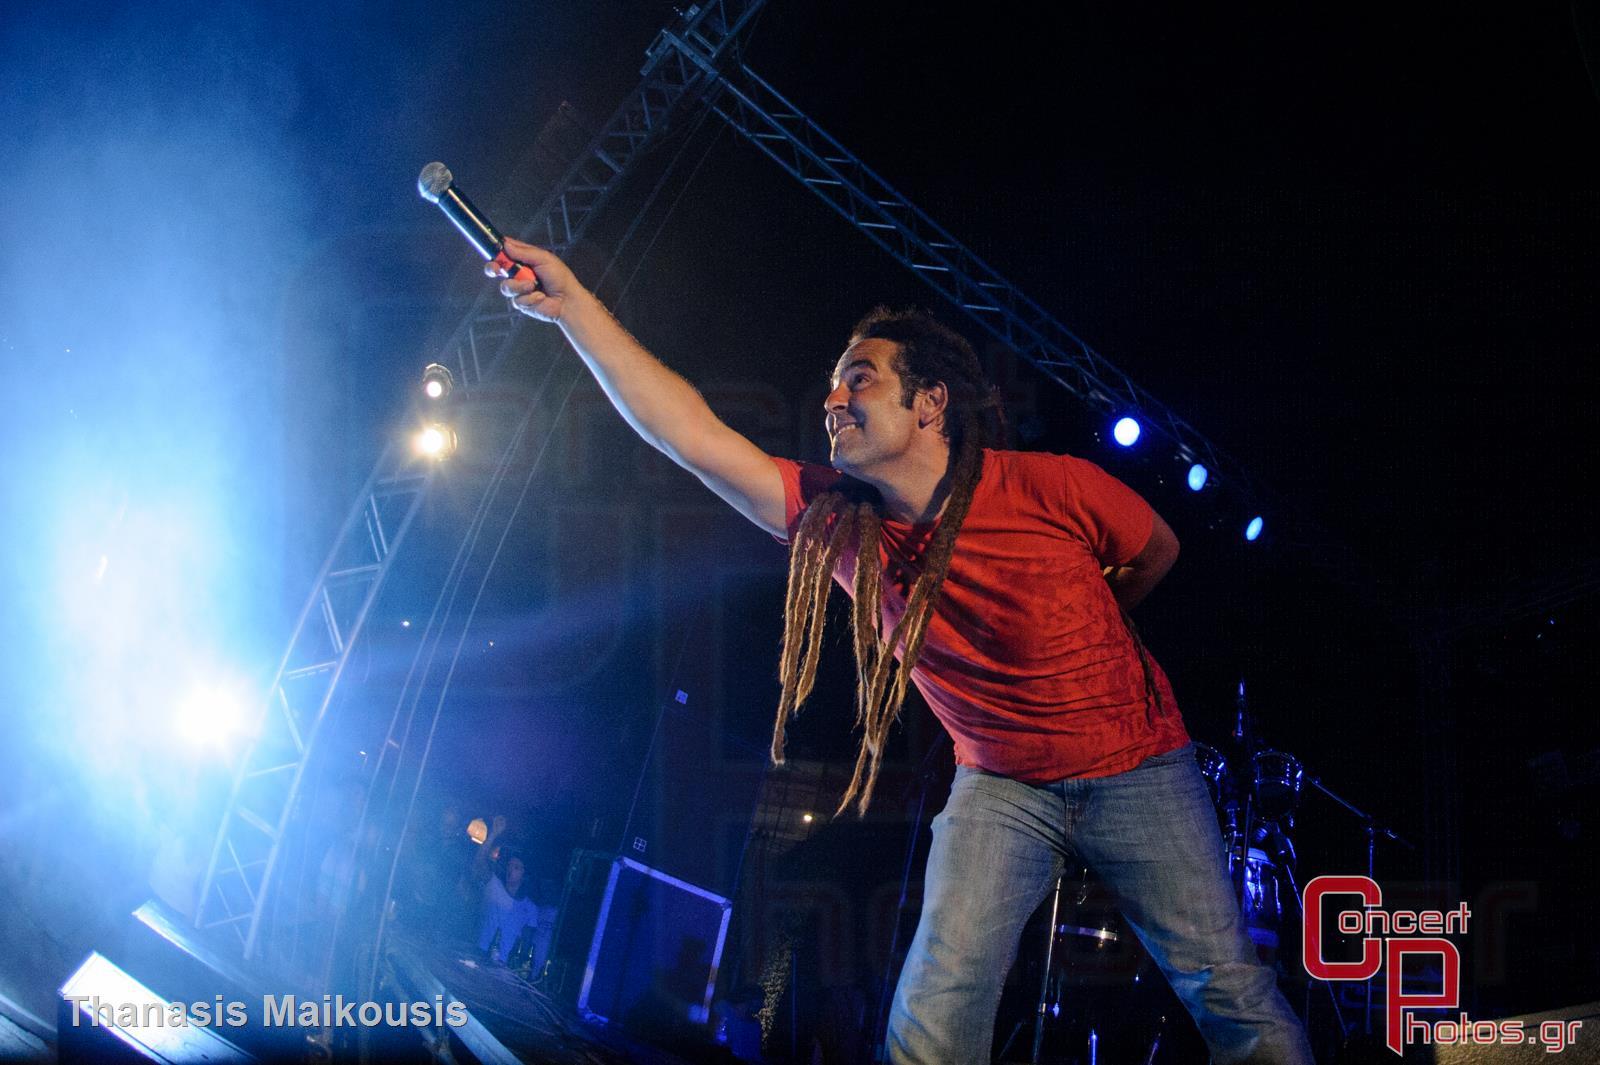 Locomondo-Locomondo 2013 Bolivar photographer: Thanasis Maikousis - concertphotos_-7094